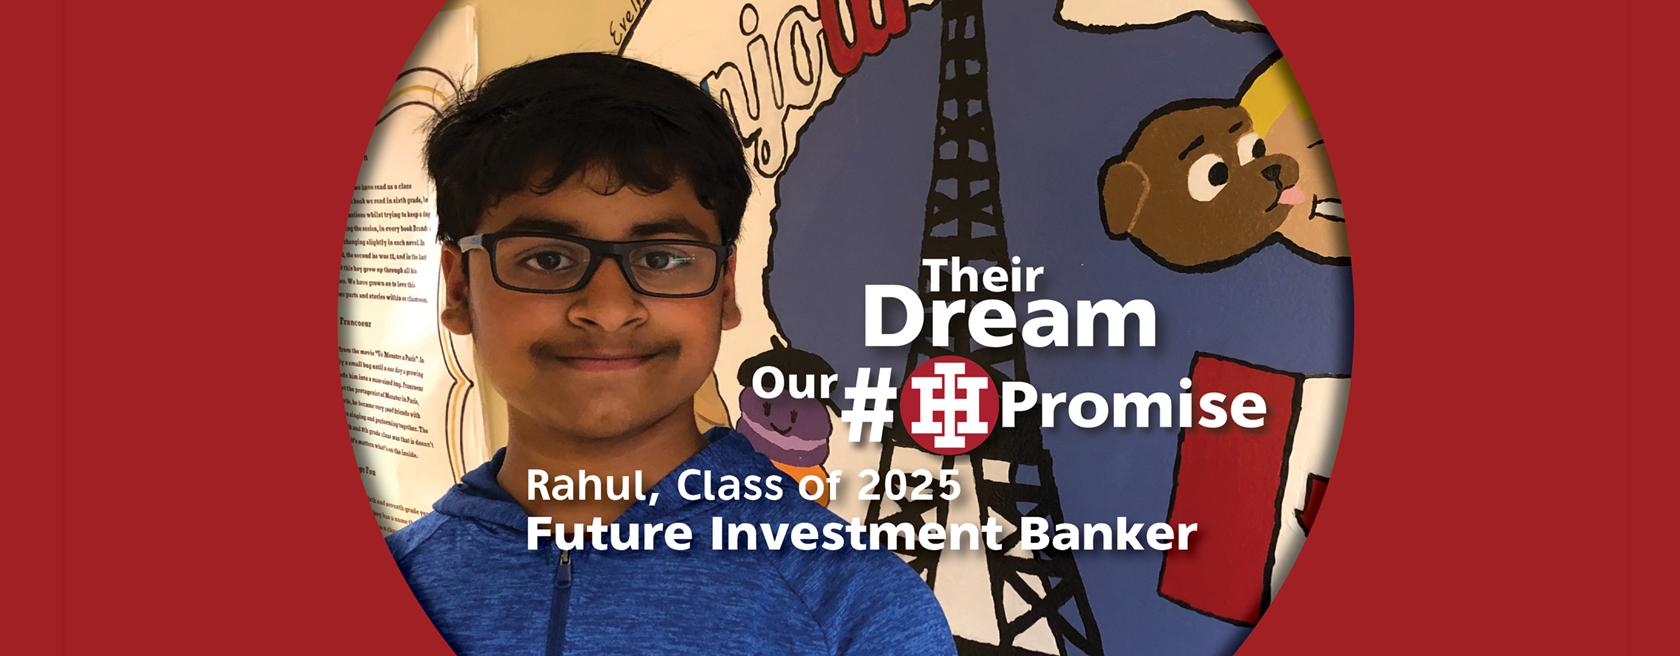 IHMS Student Rahul